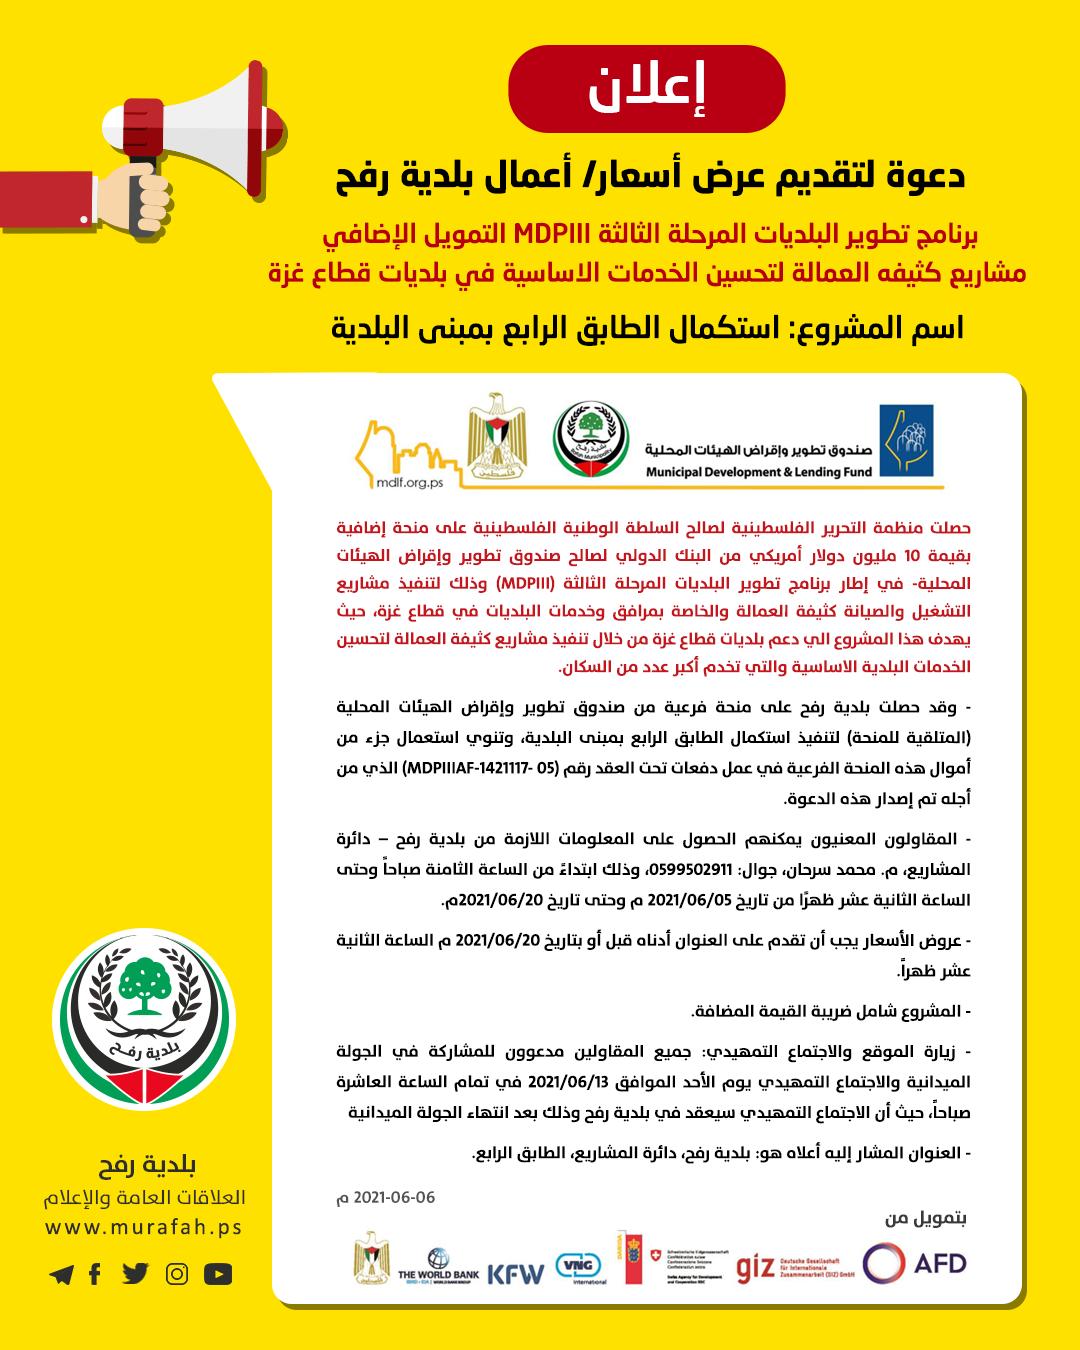 إعلان عطاء استكمال الطابق الرابع بمبنى البلدية